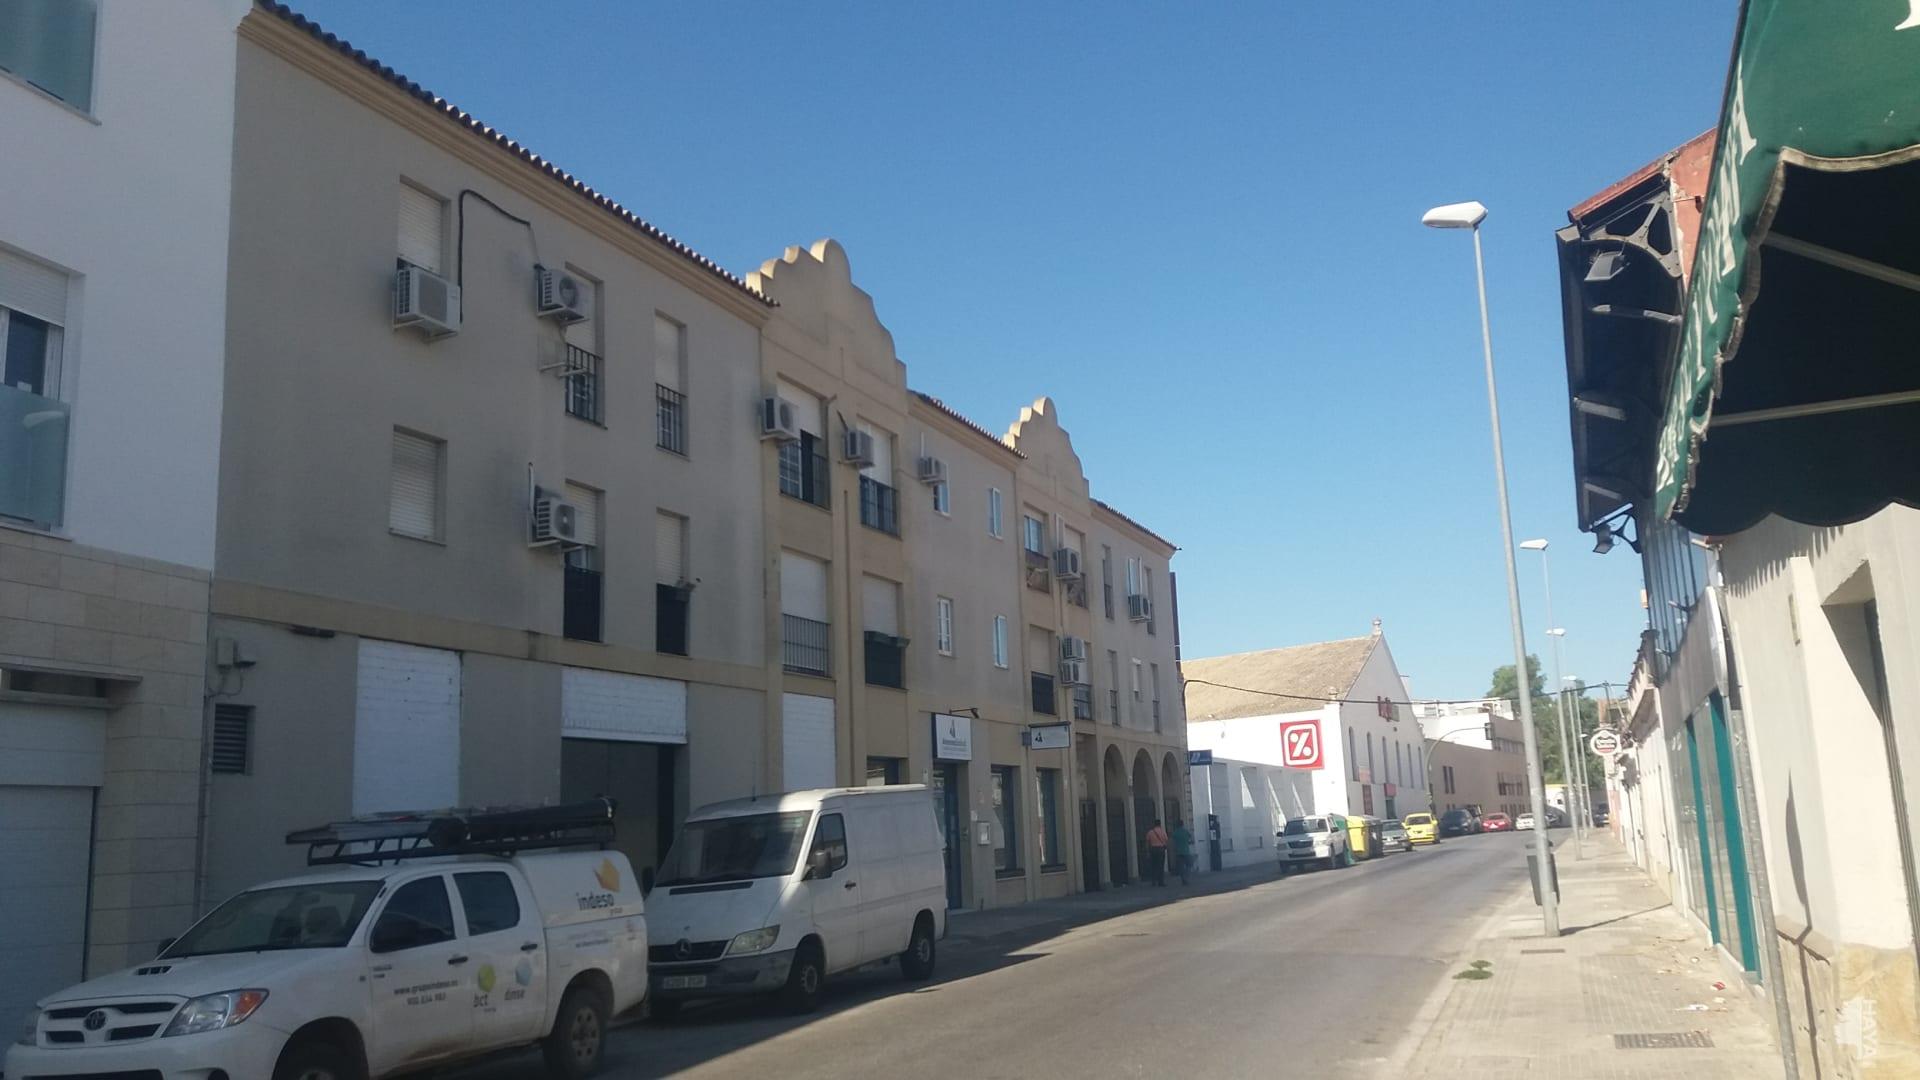 Piso en venta en Los Albarizones, Jerez de la Frontera, Cádiz, Calle Zaragoza, 84.000 €, 2 habitaciones, 1 baño, 60 m2